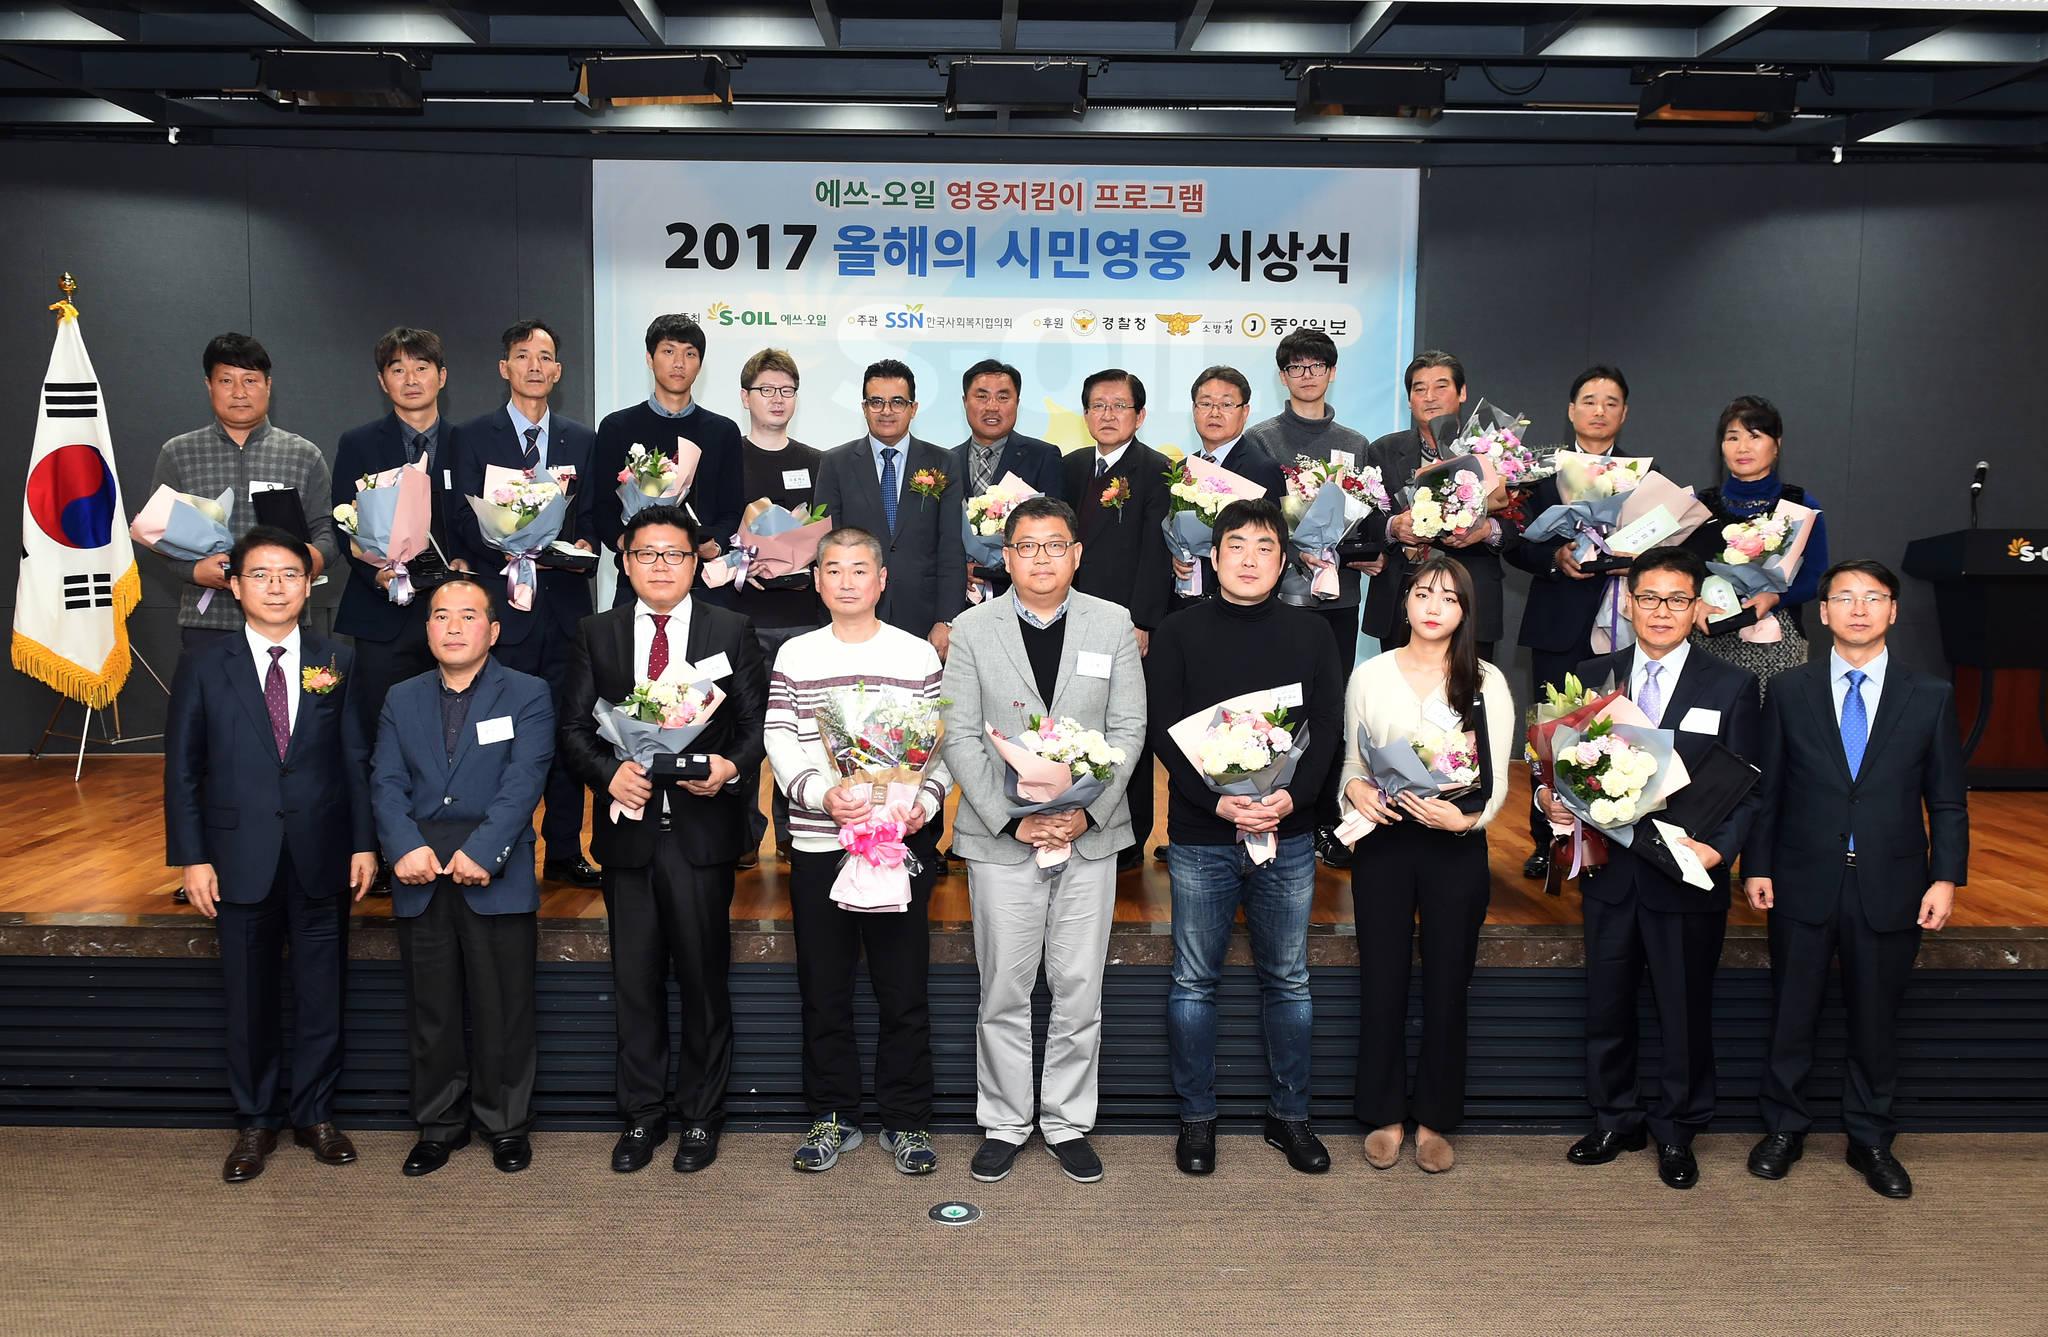 에쓰오일 알 감디 CEO(뒷줄 가운데)와 2017 올해의 시민영웅 수상자들 [한국사회복지협의회]